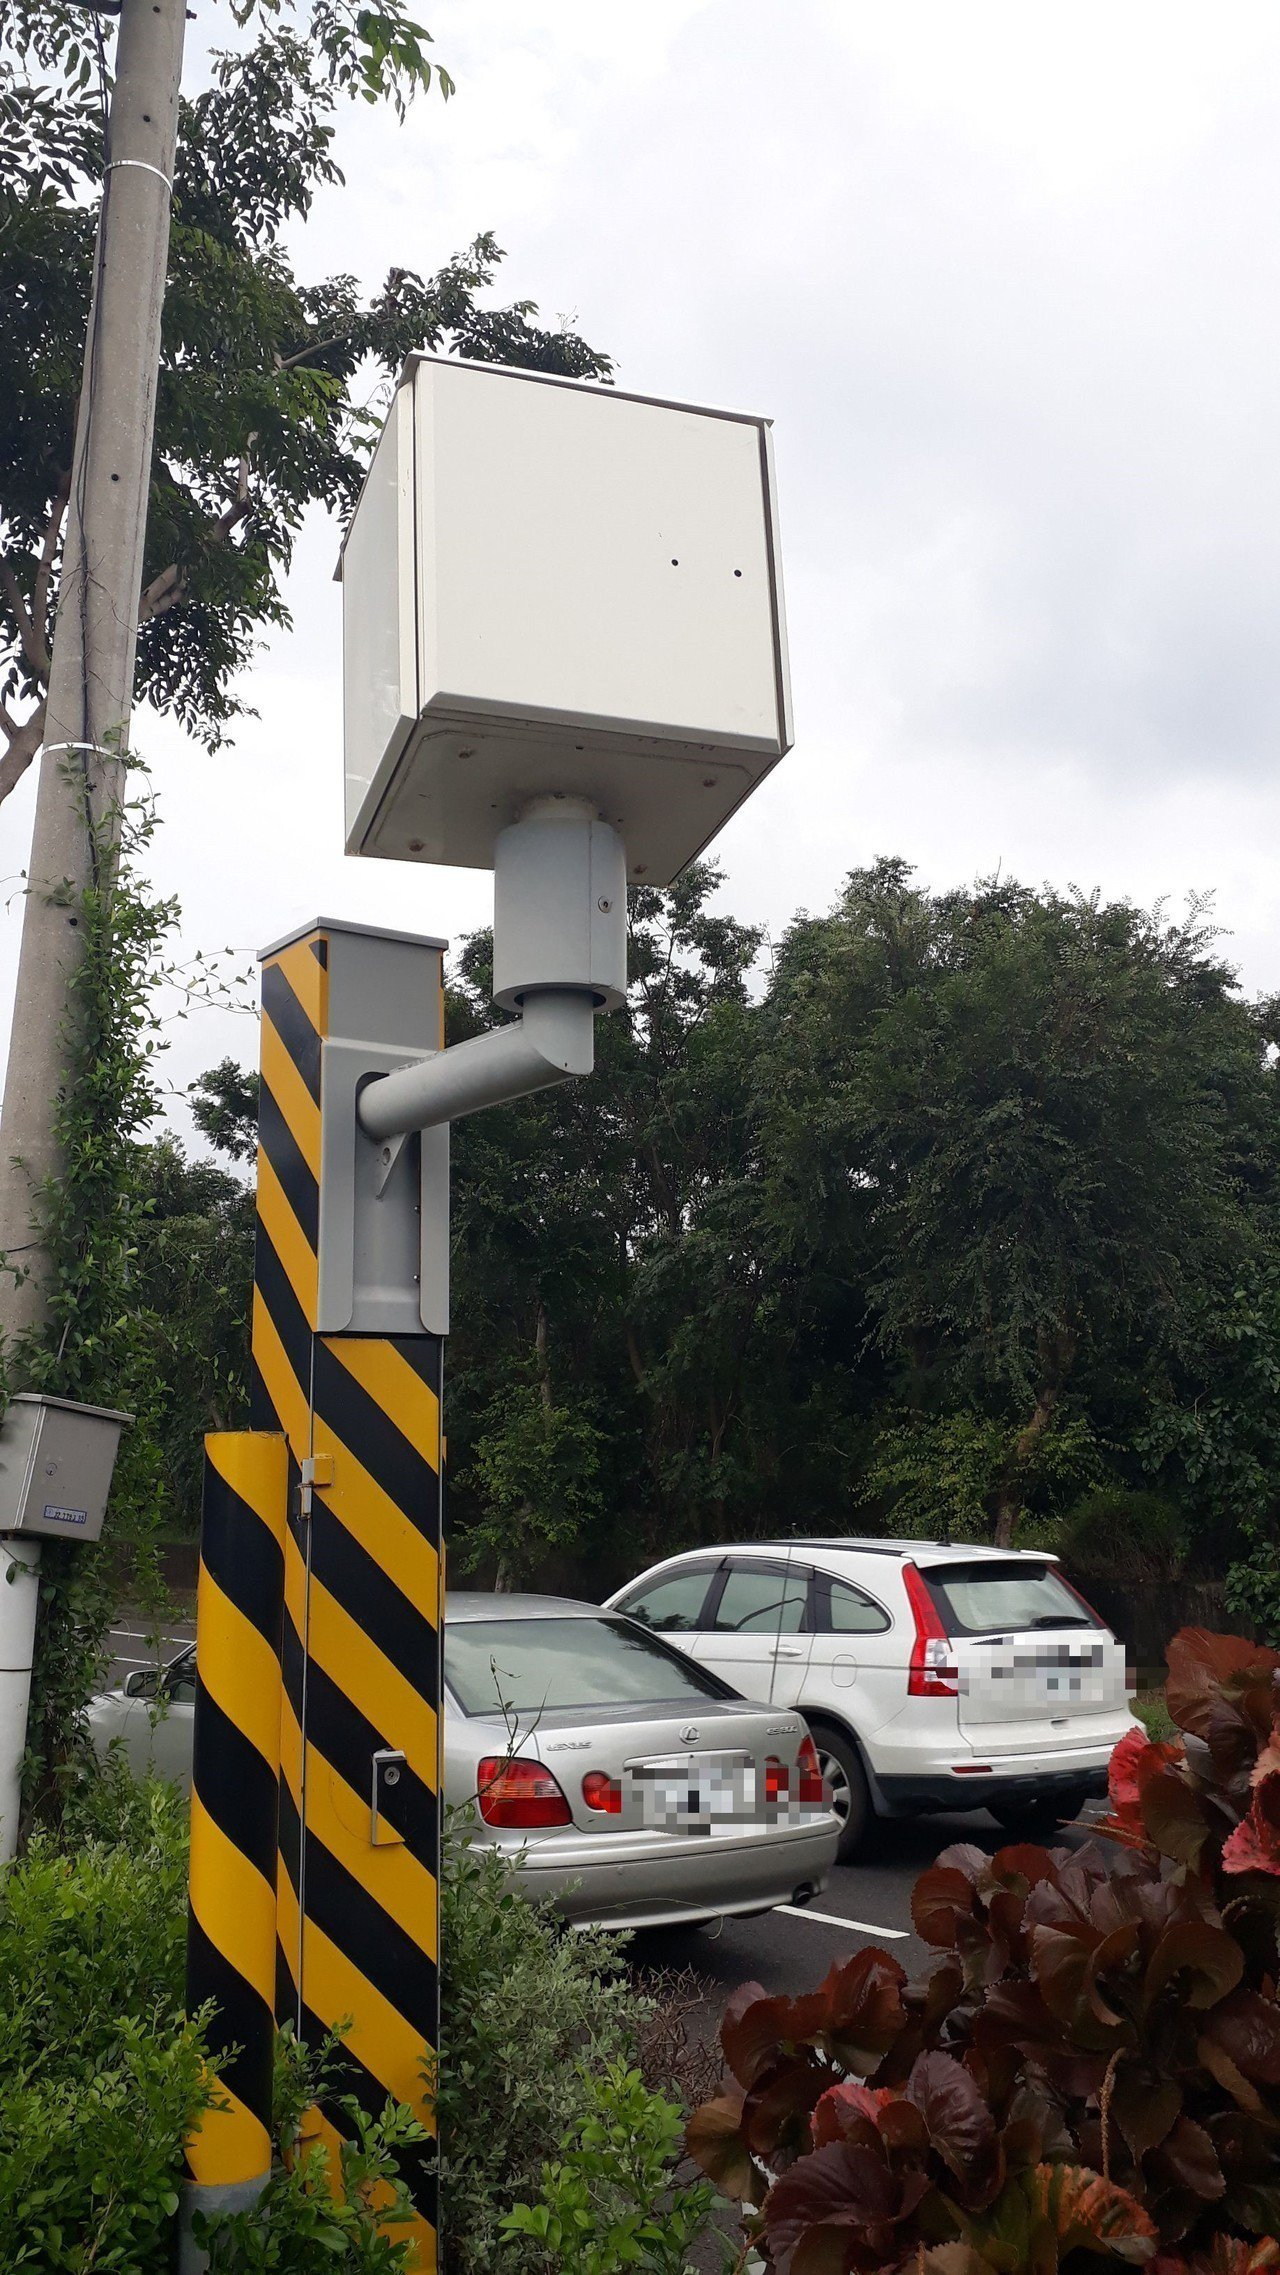 台南市新式數位取締違規駕駛照相系統,許多汽機車駕駛人收到罰單才知被拍照。記者周宗...